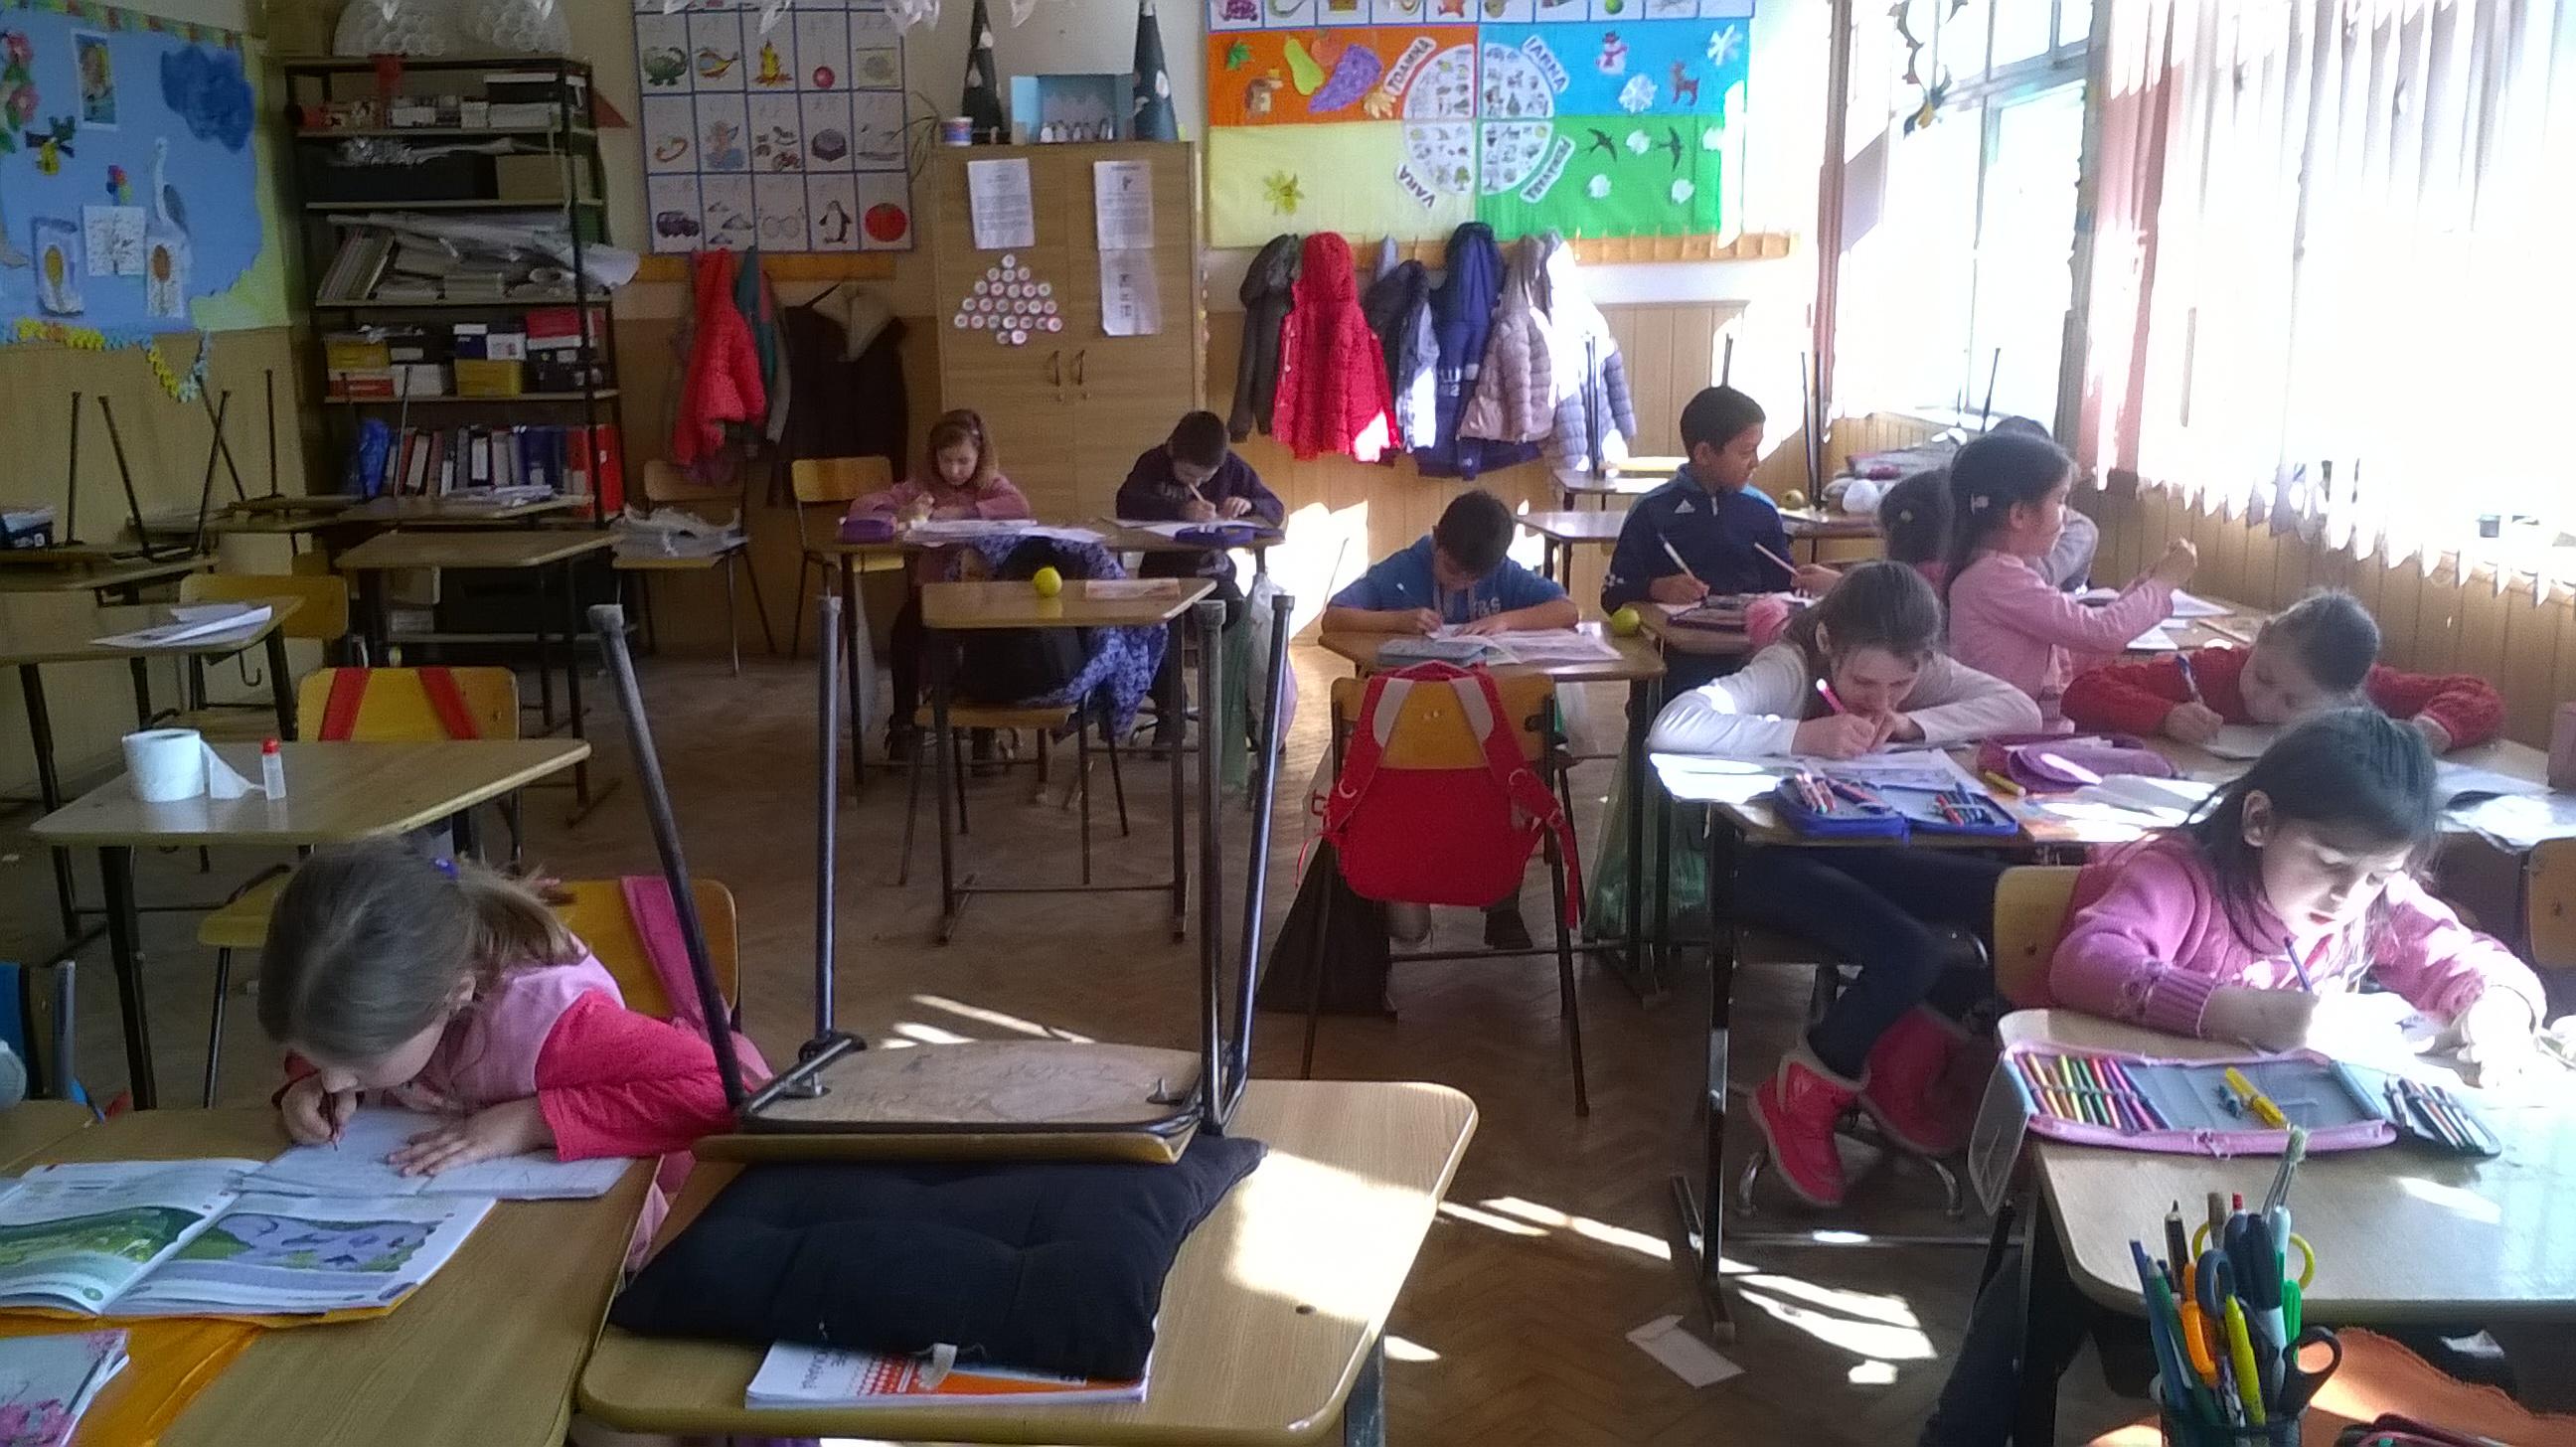 scoaladupascoala2